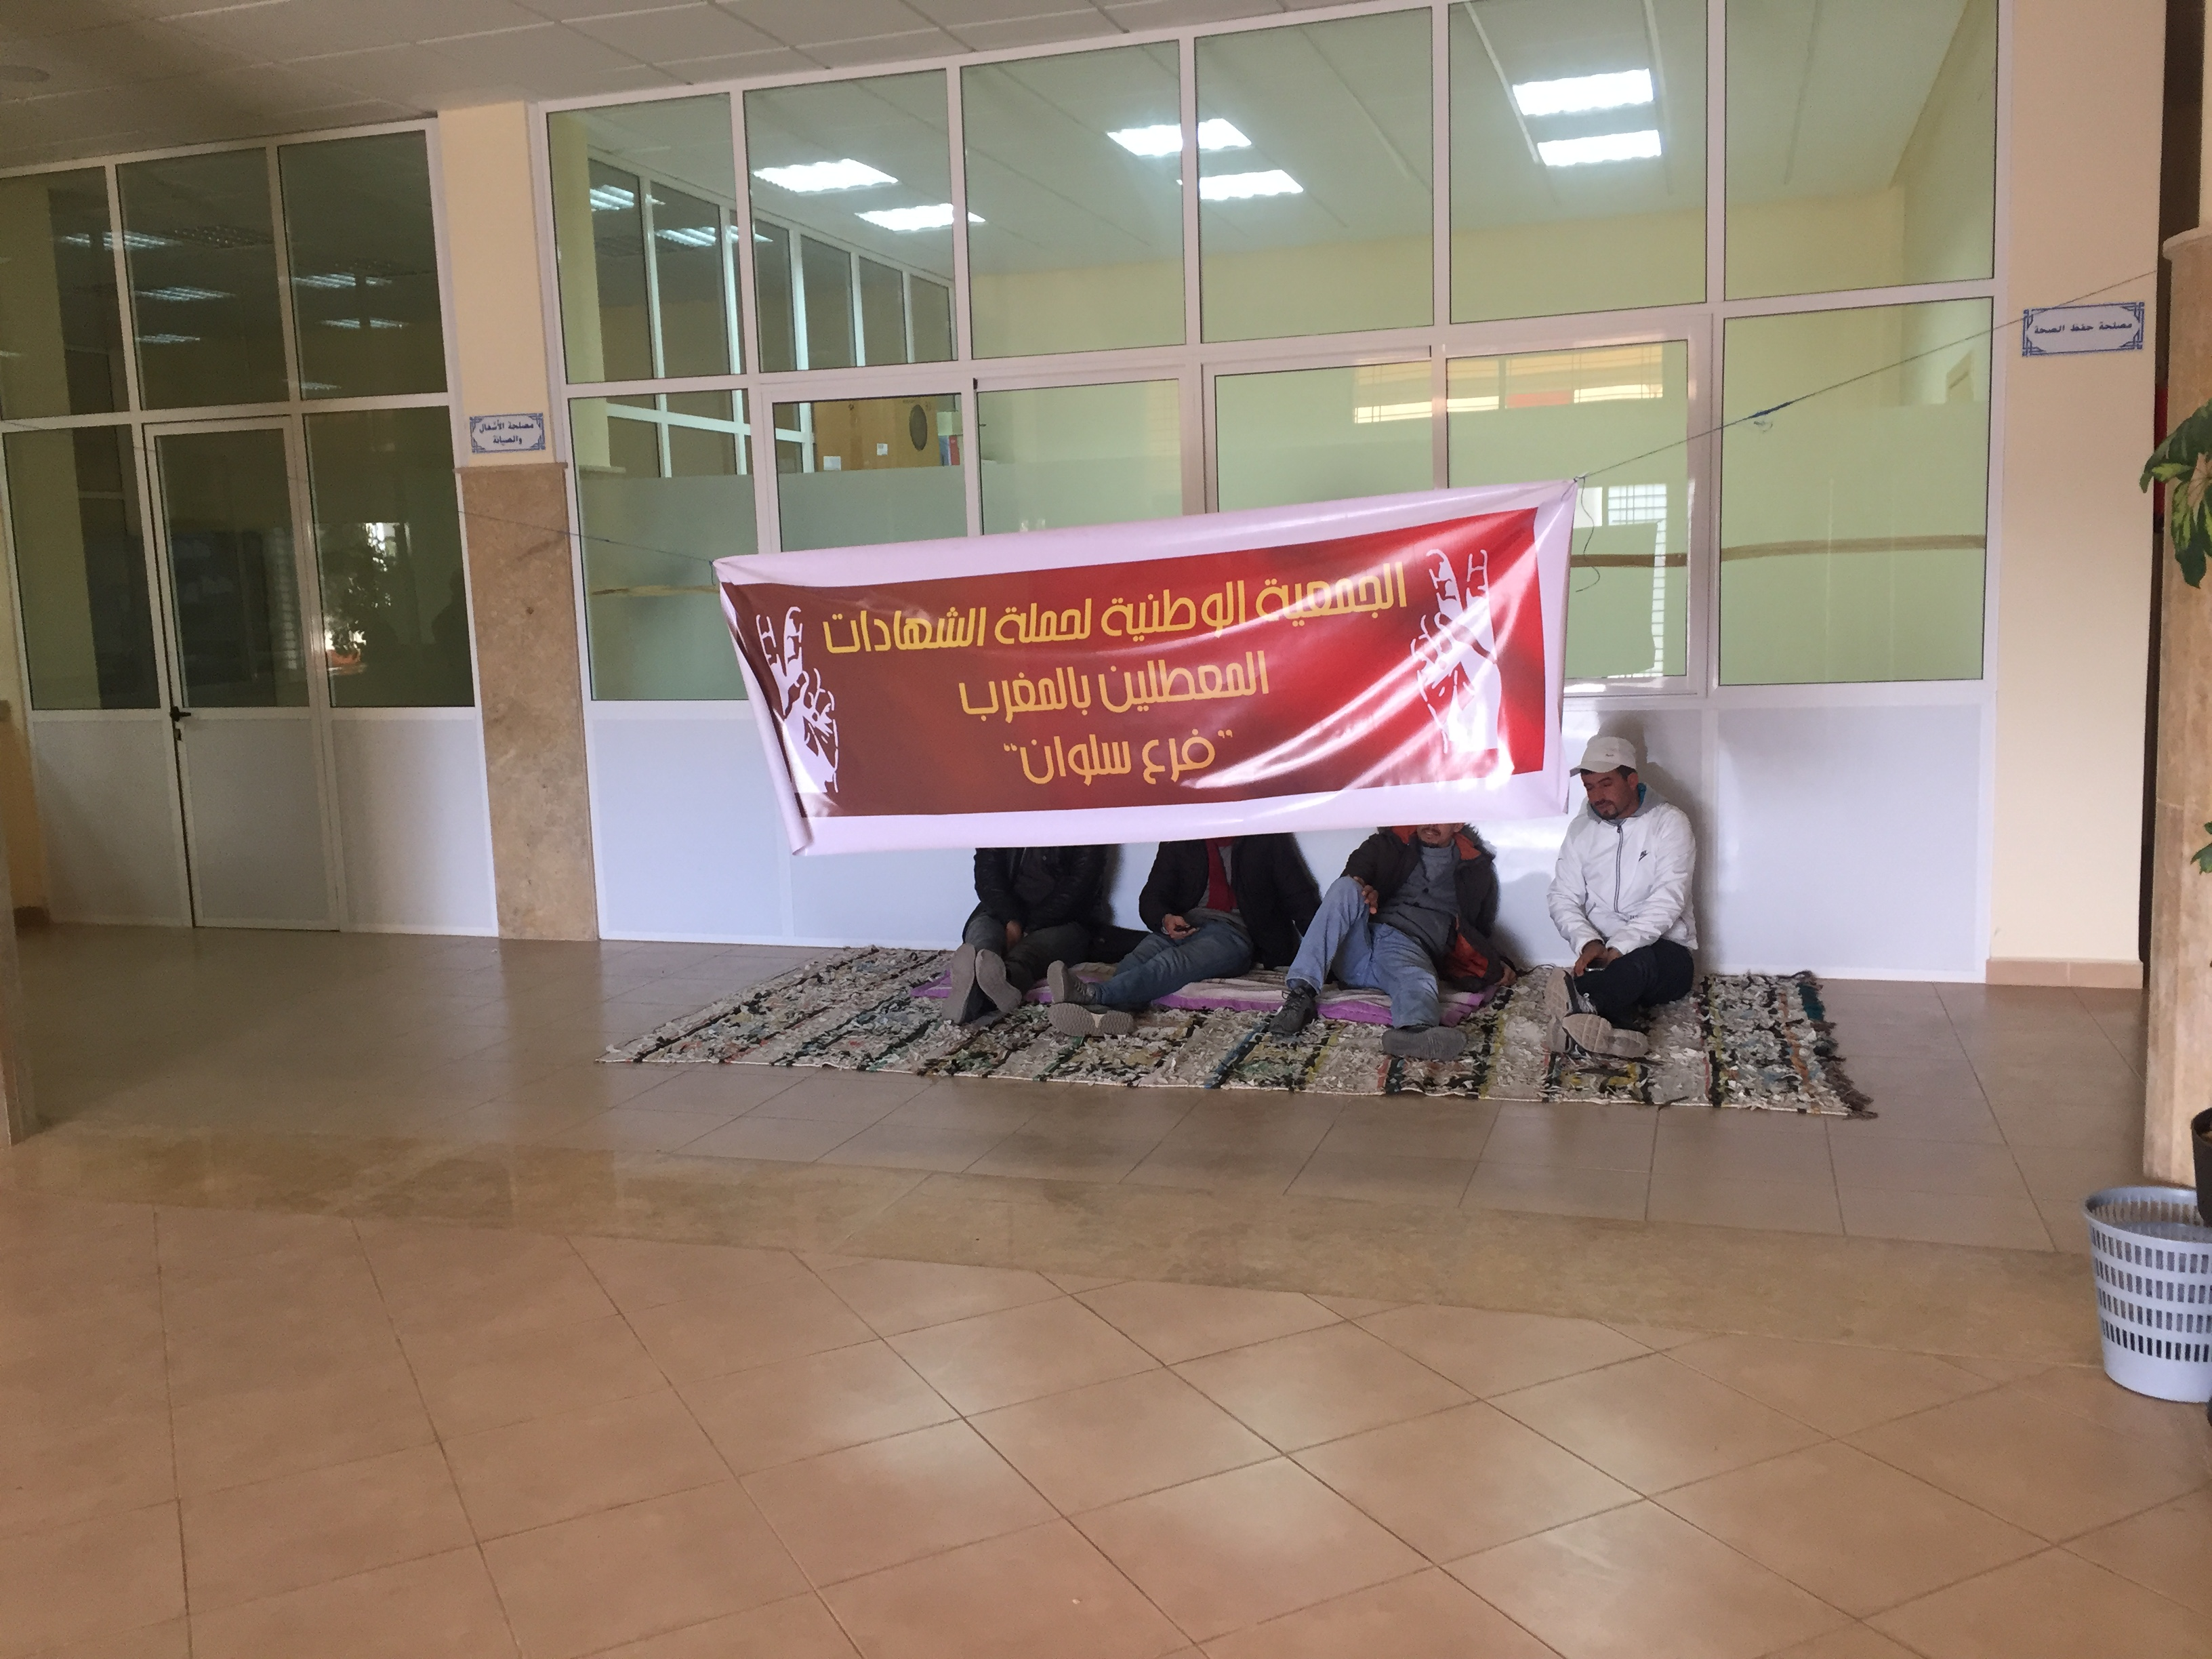 شاهد بالفيديو: المعطلون حاملو الشهادات يعتصمون ببلديةسلوان و هذه هي مطالبهم…